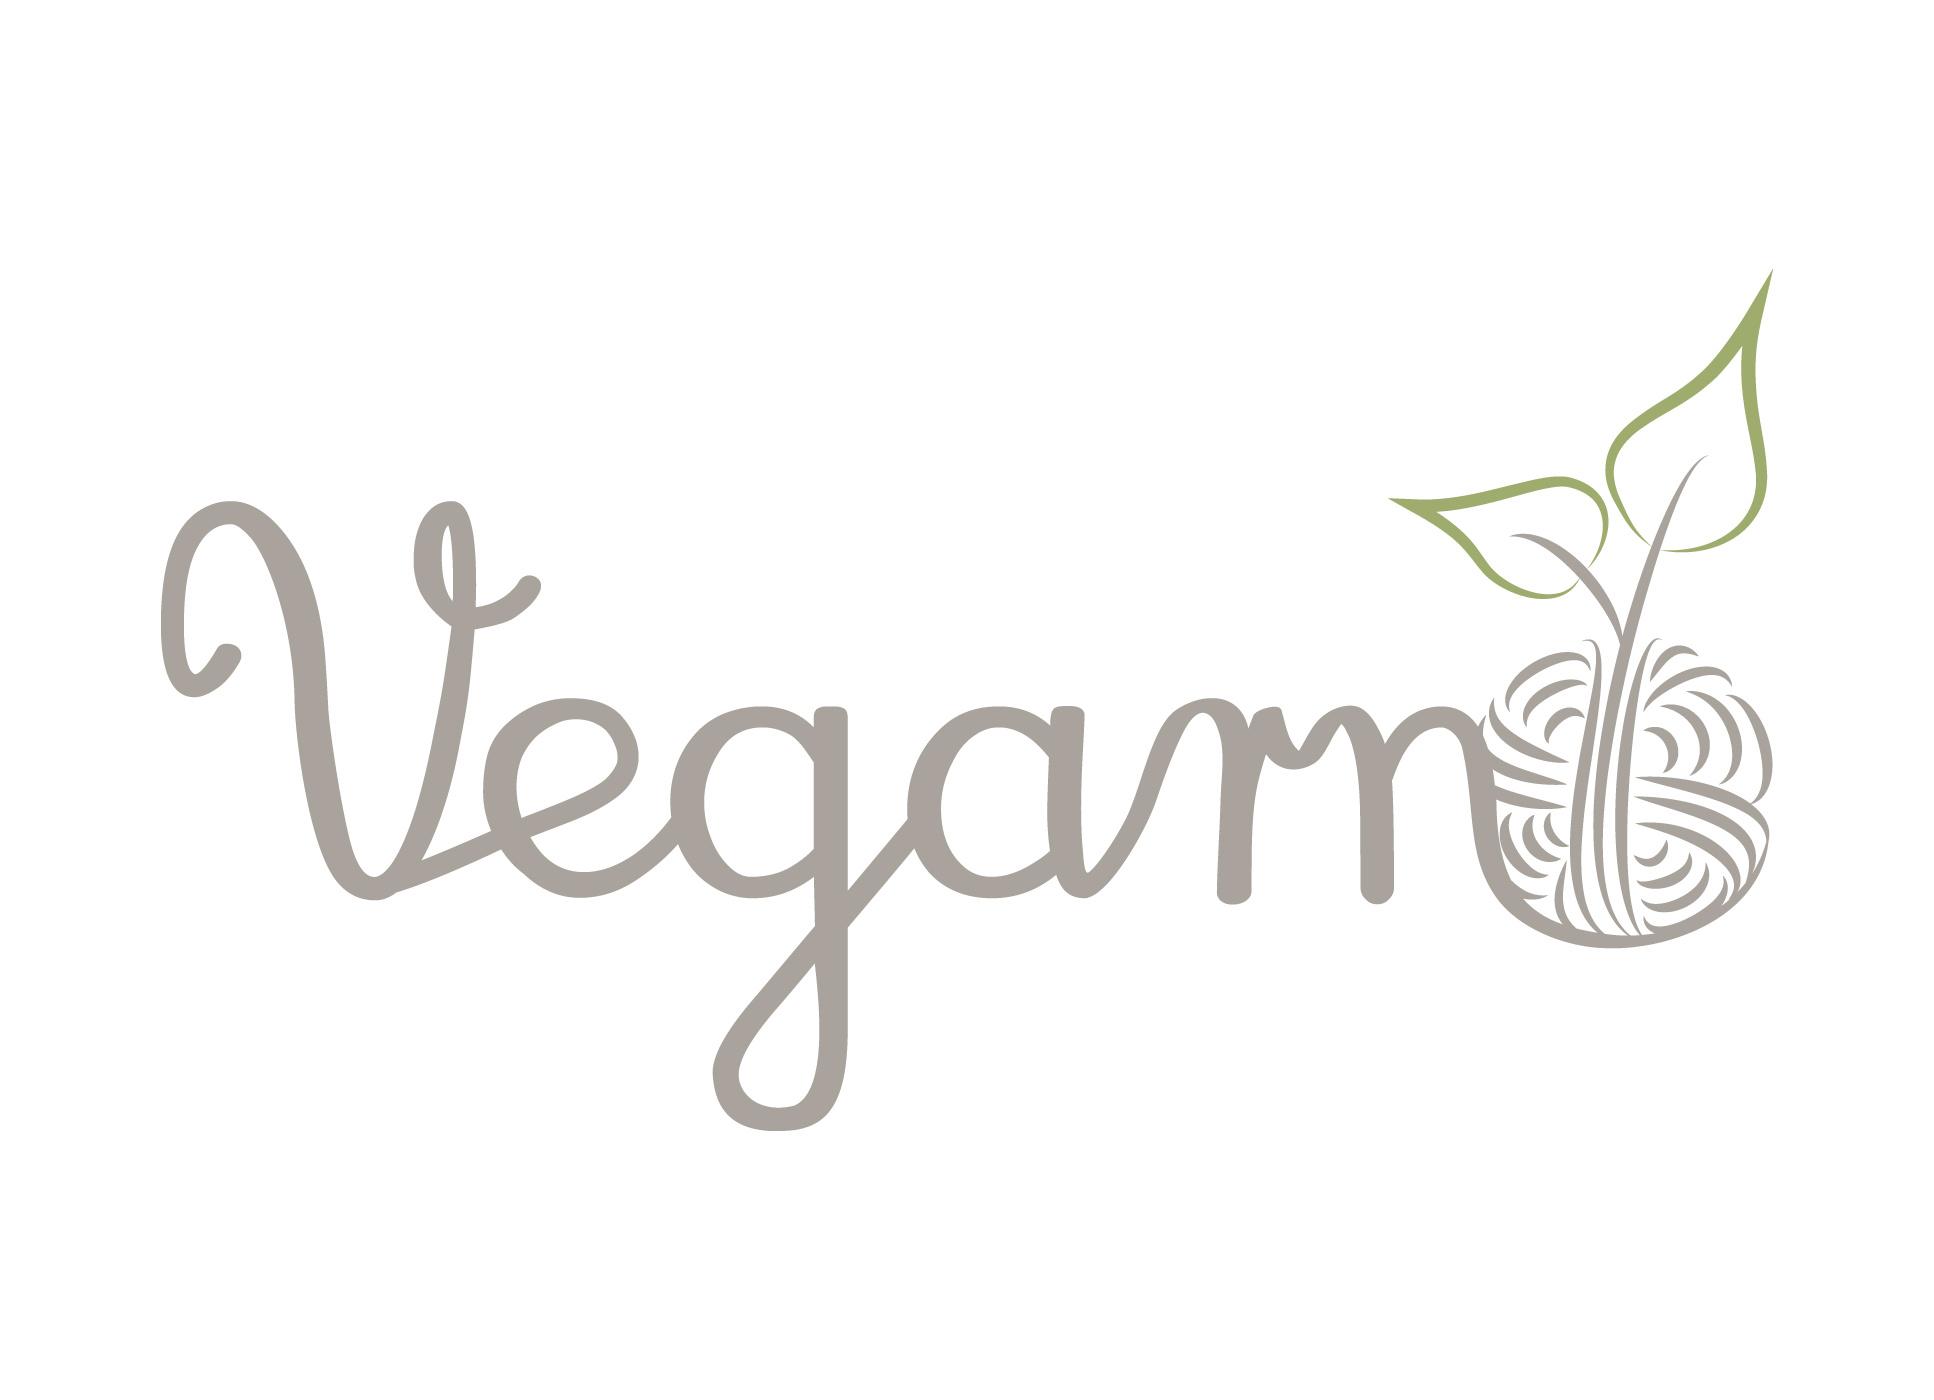 Vegarn, die Marke